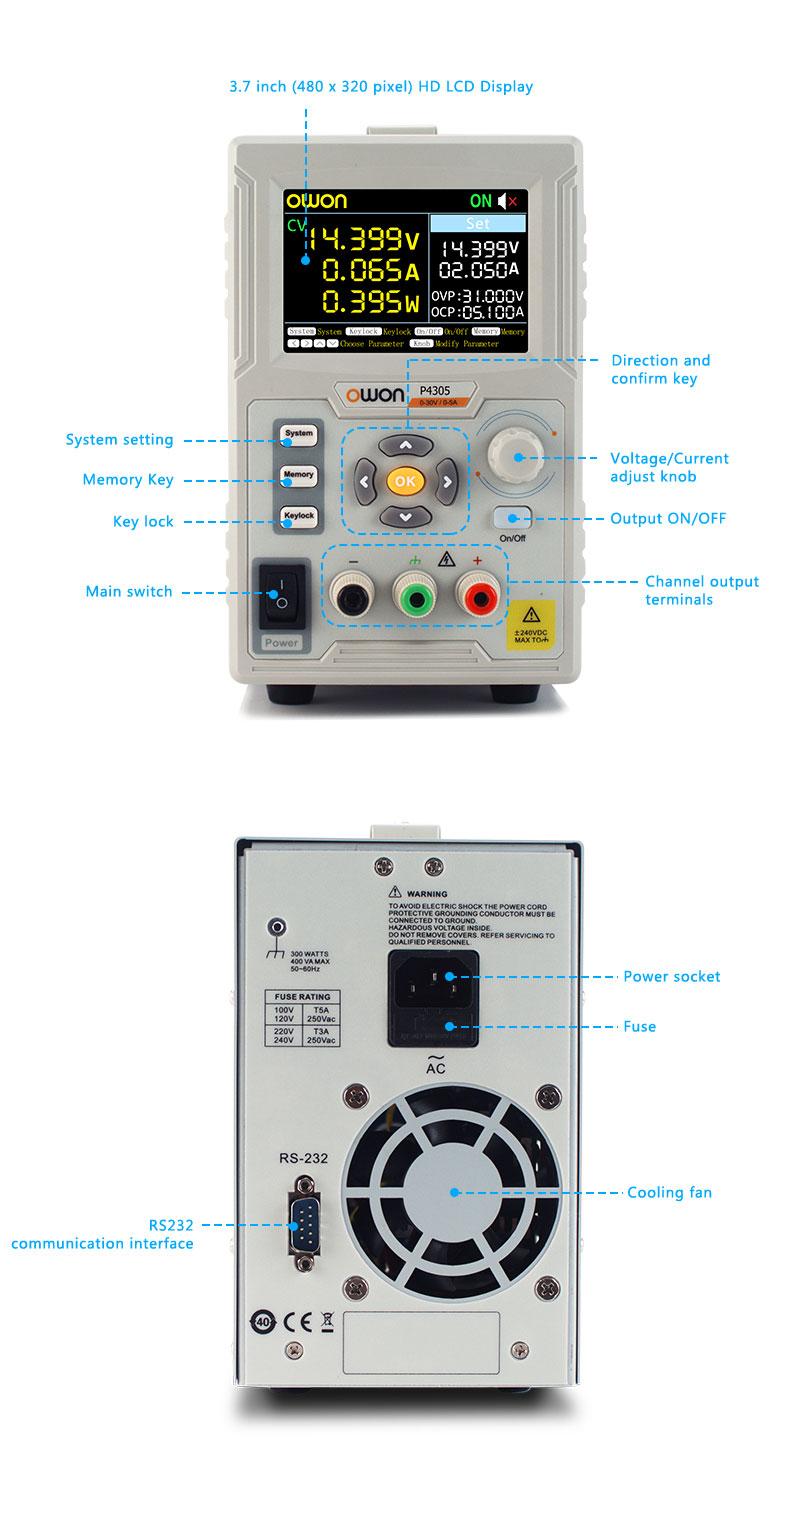 P4305 Owon zasilacz programowalny laboratoryjny 30V 5A 150W SCPI LabView RS232 USB cyfrowy sterowany LCD